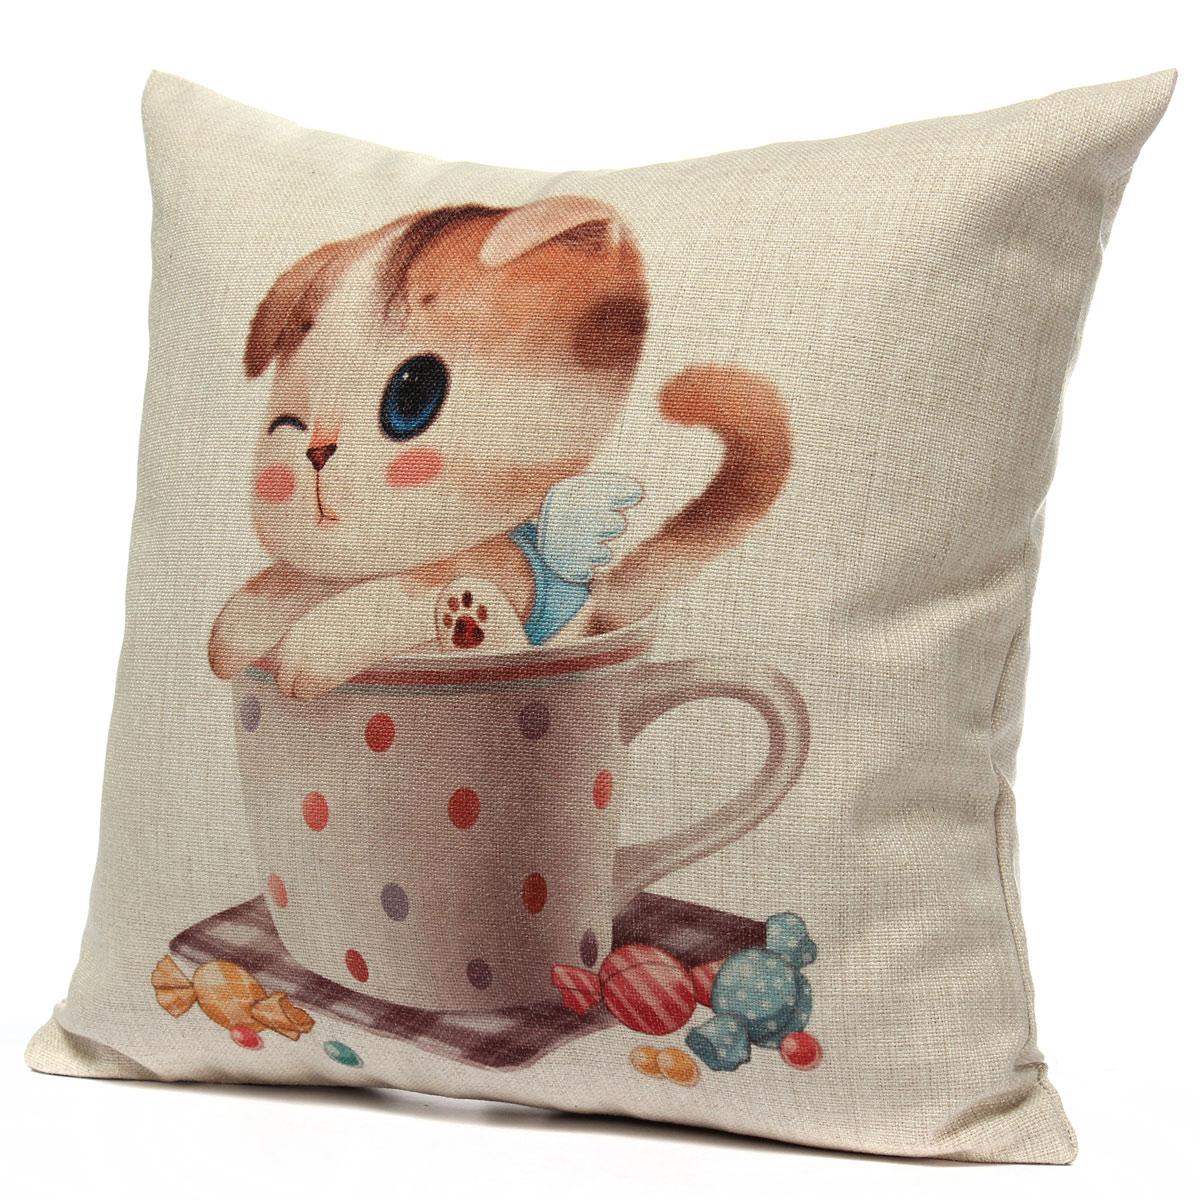 chat taie doreiller housse de coussin canape sofa chambre voiture mignon coton. Black Bedroom Furniture Sets. Home Design Ideas